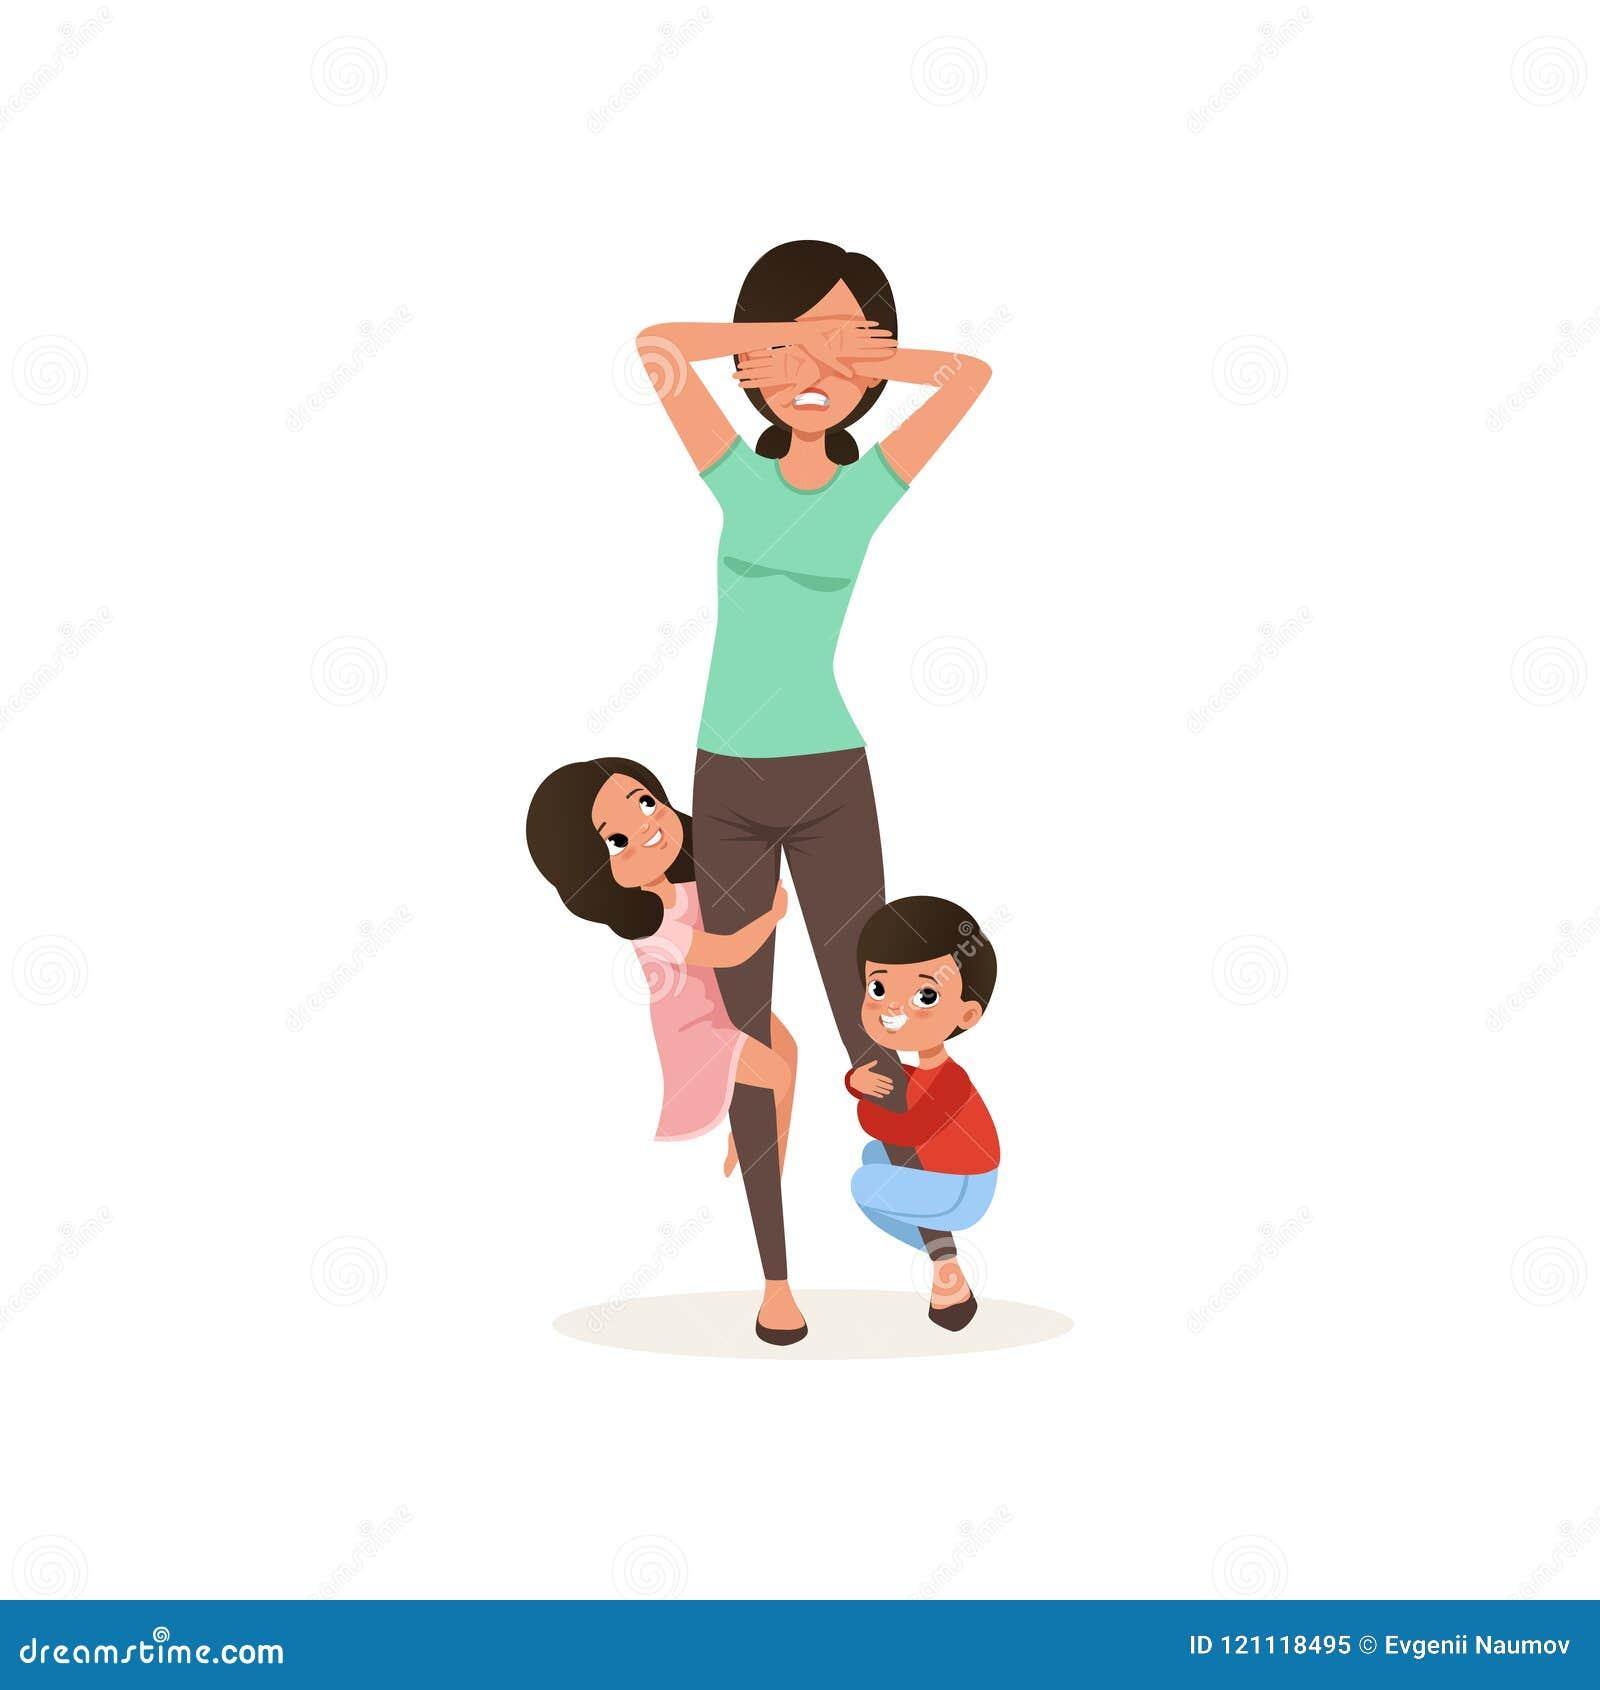 Los niños sonrientes quieren jugar con su madre cansada, concepto parenting de la tensión, relación entre los niños y padres